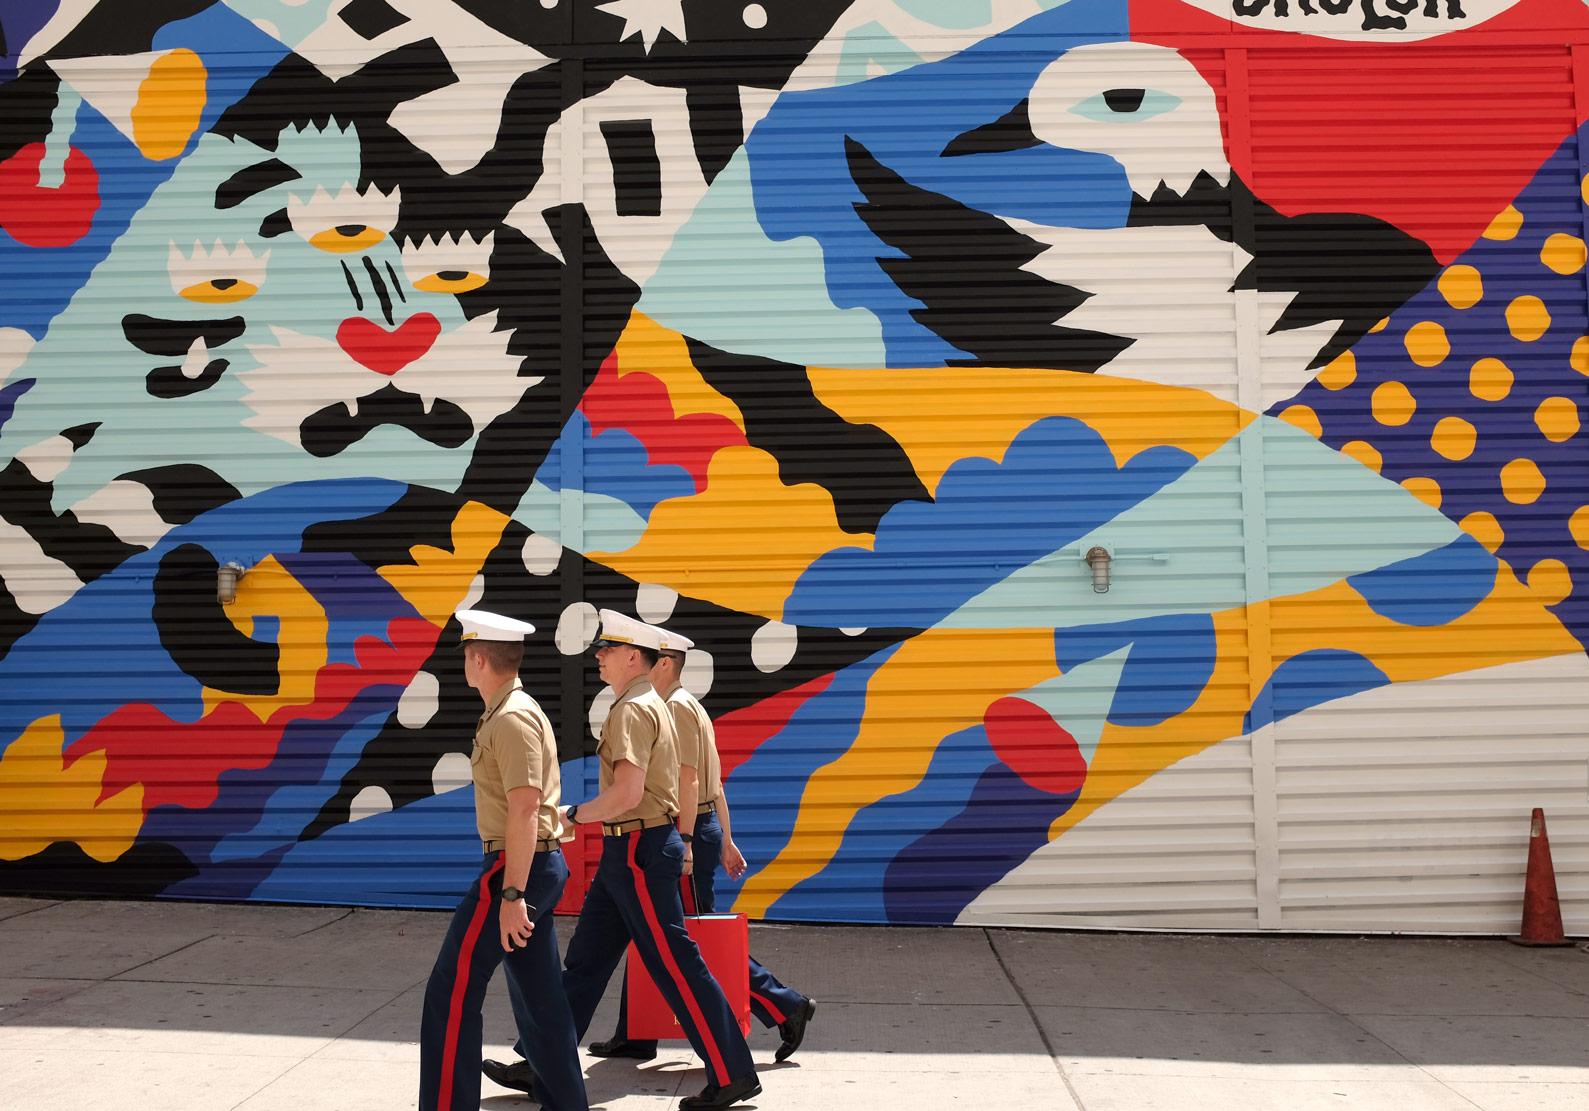 Brolga_WTC_Mural_Photo1.jpg